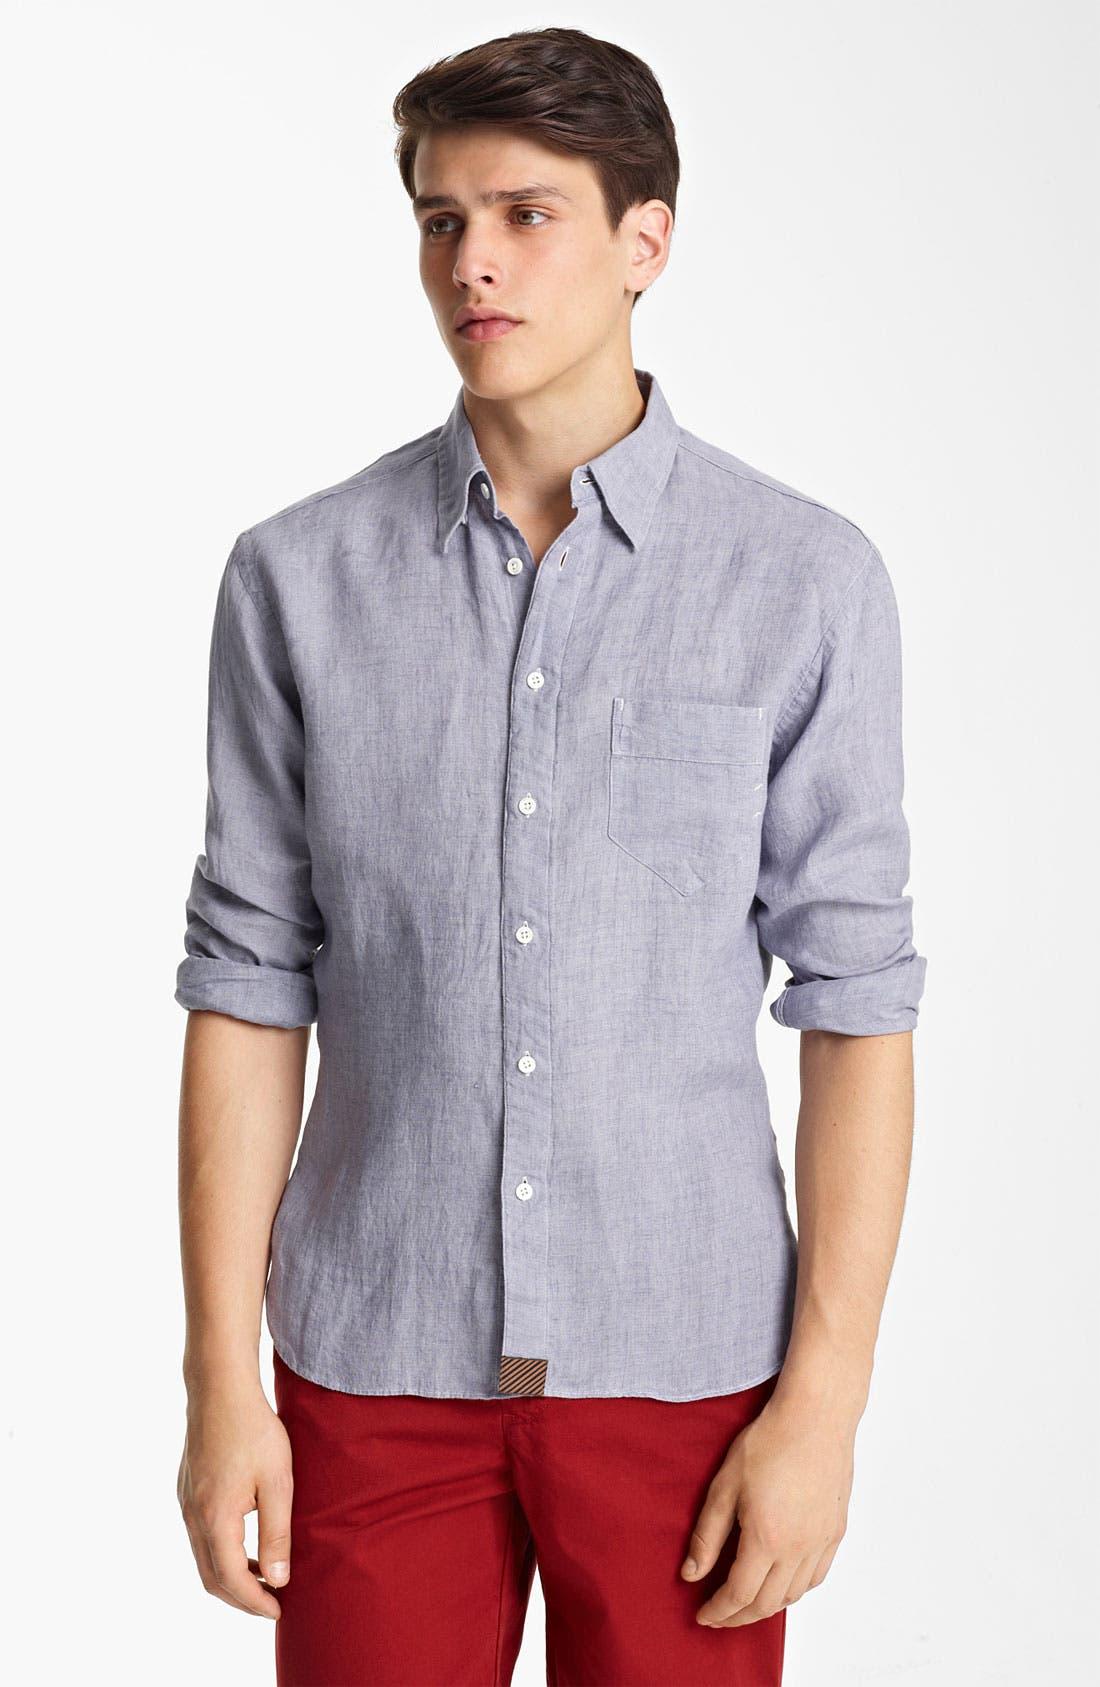 Alternate Image 1 Selected - Billy Reid 'Walland' Linen Shirt